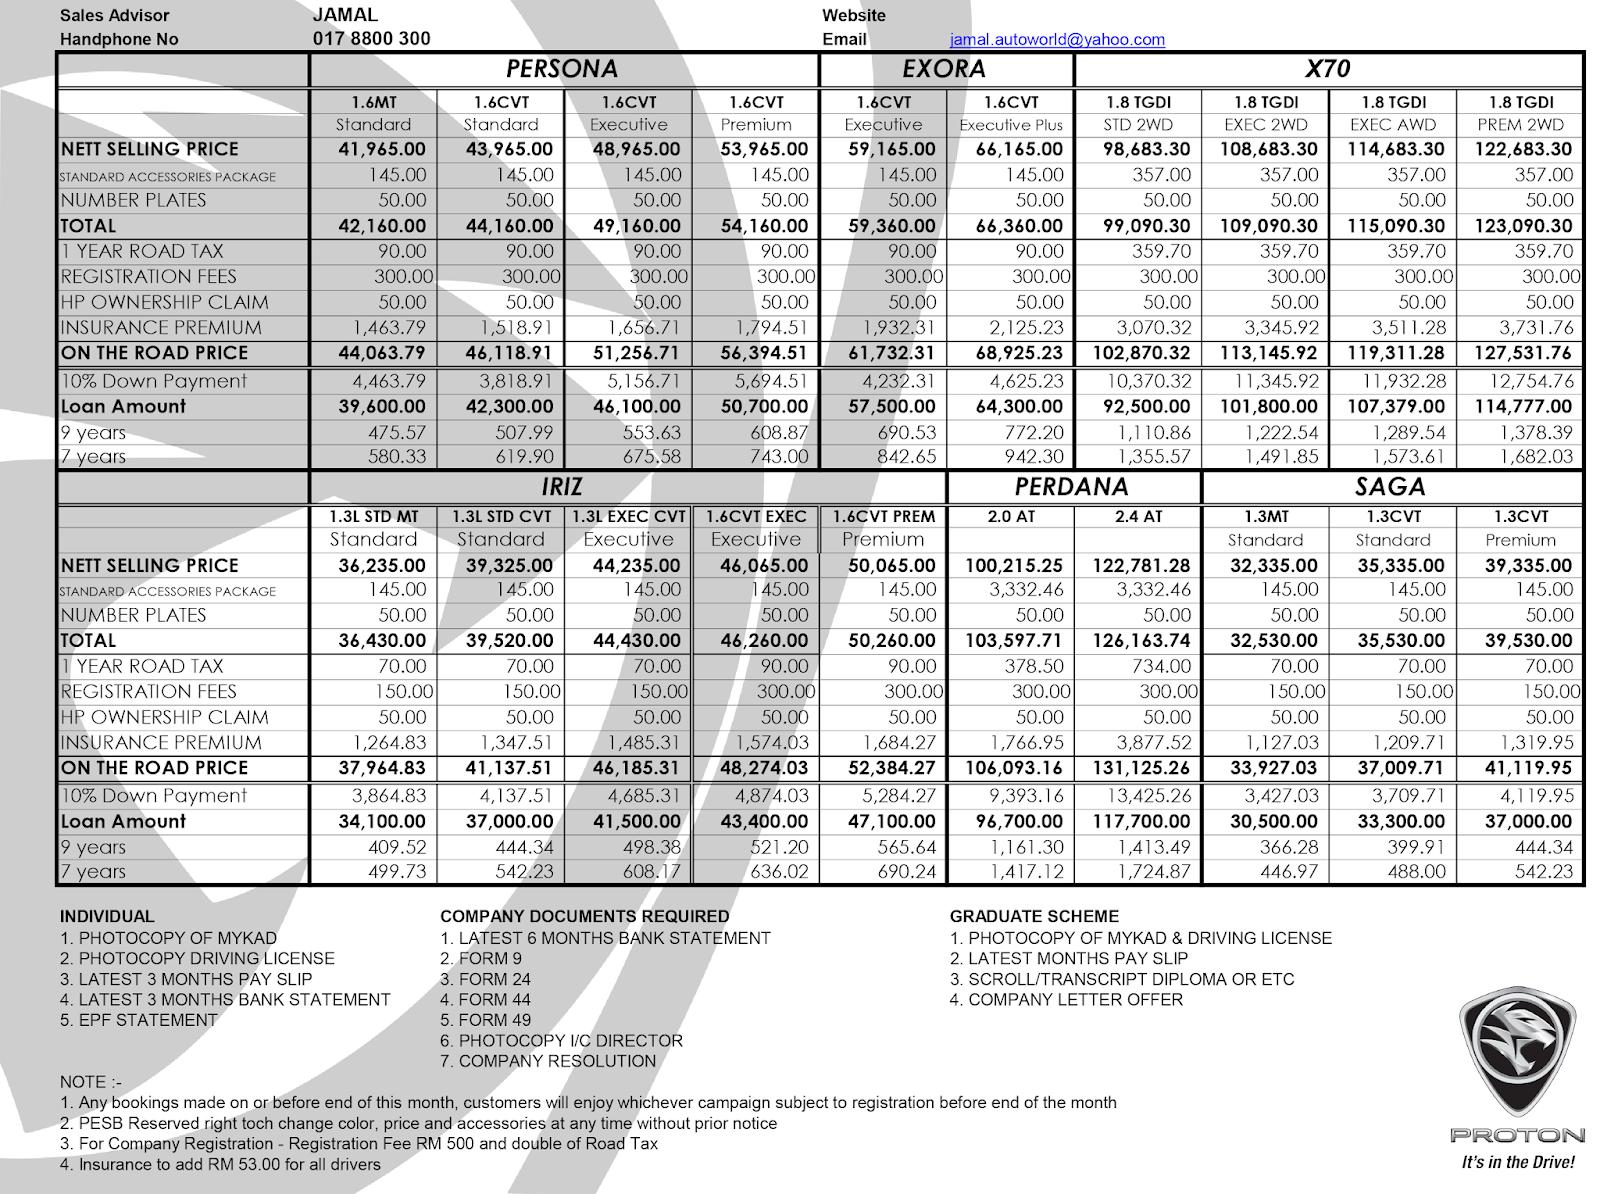 Senarai Harga Proton Terkini Promosi Proton Kl Max Loan Skim Graduan Diskaun Trade In Dll